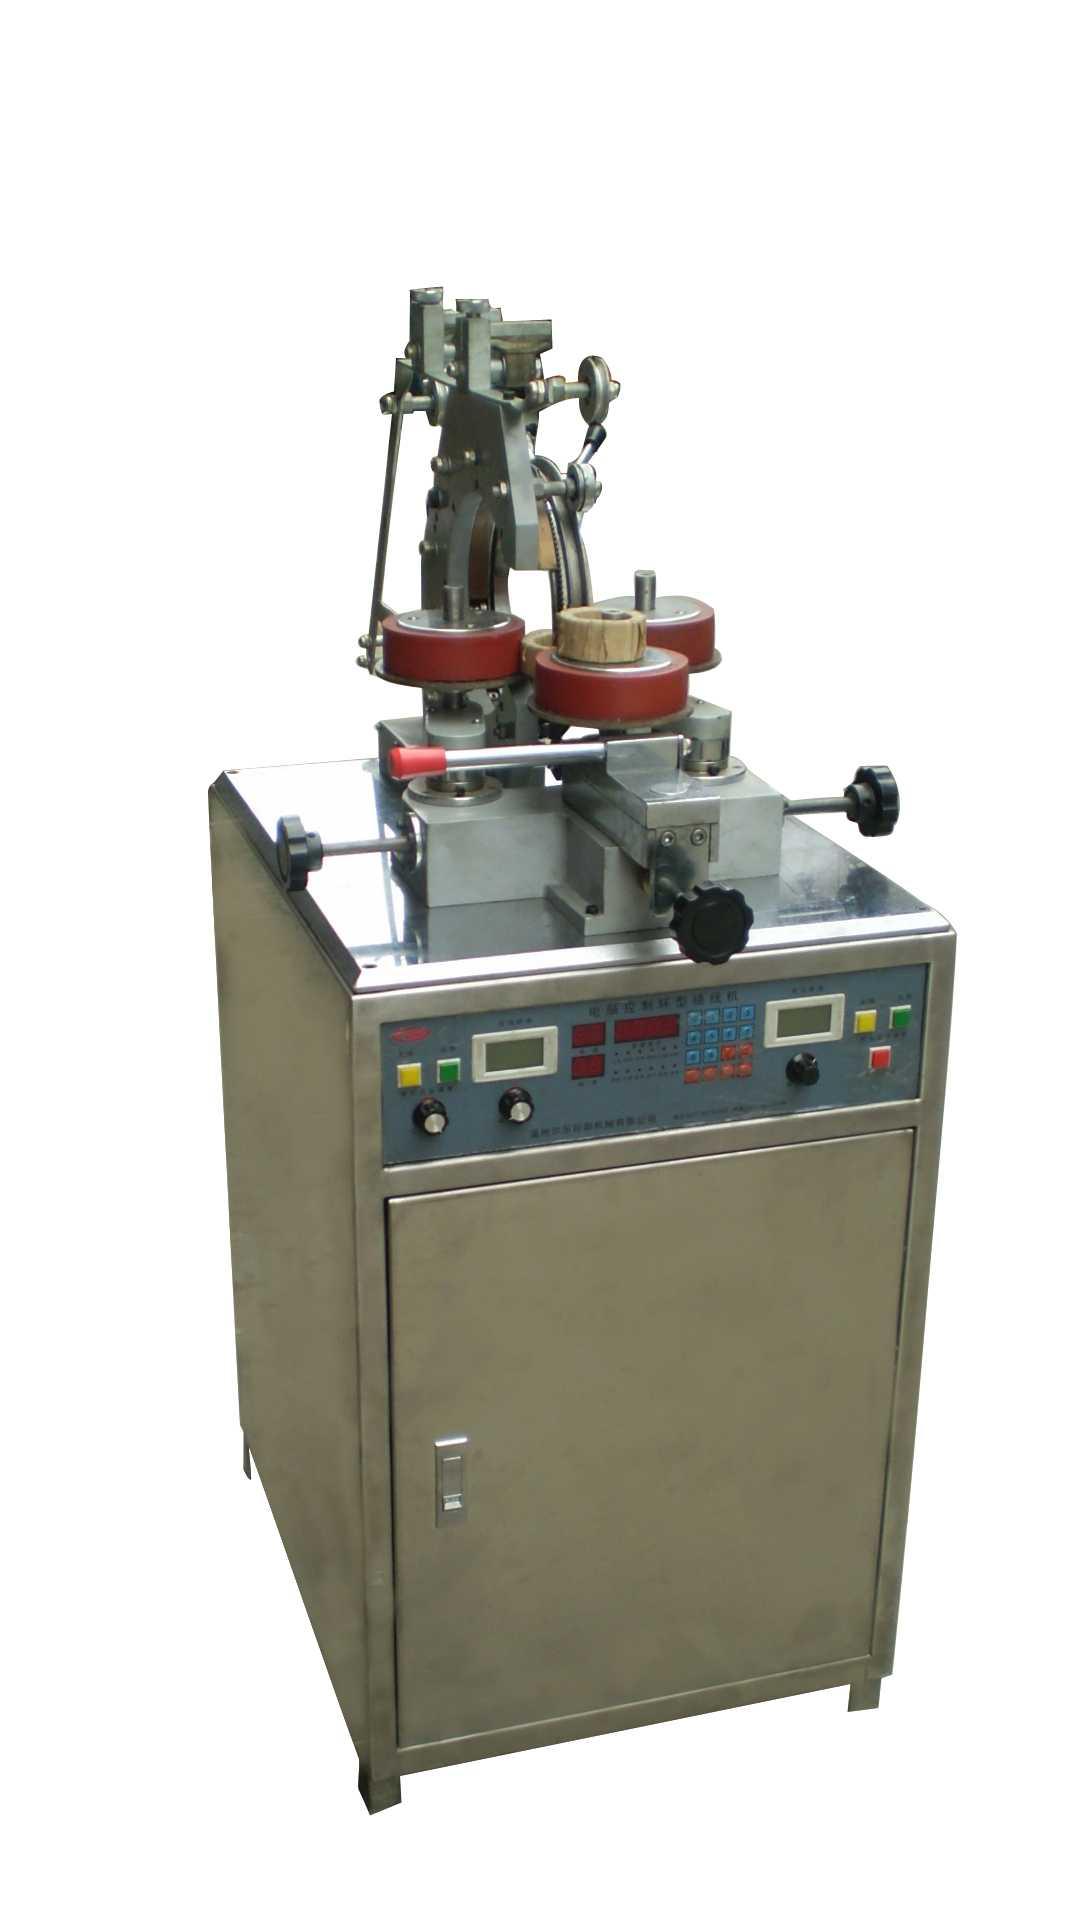 绕制机图片_RXJ-1-全自动绕线机 变压器绕线机-华联机械集团有限公司